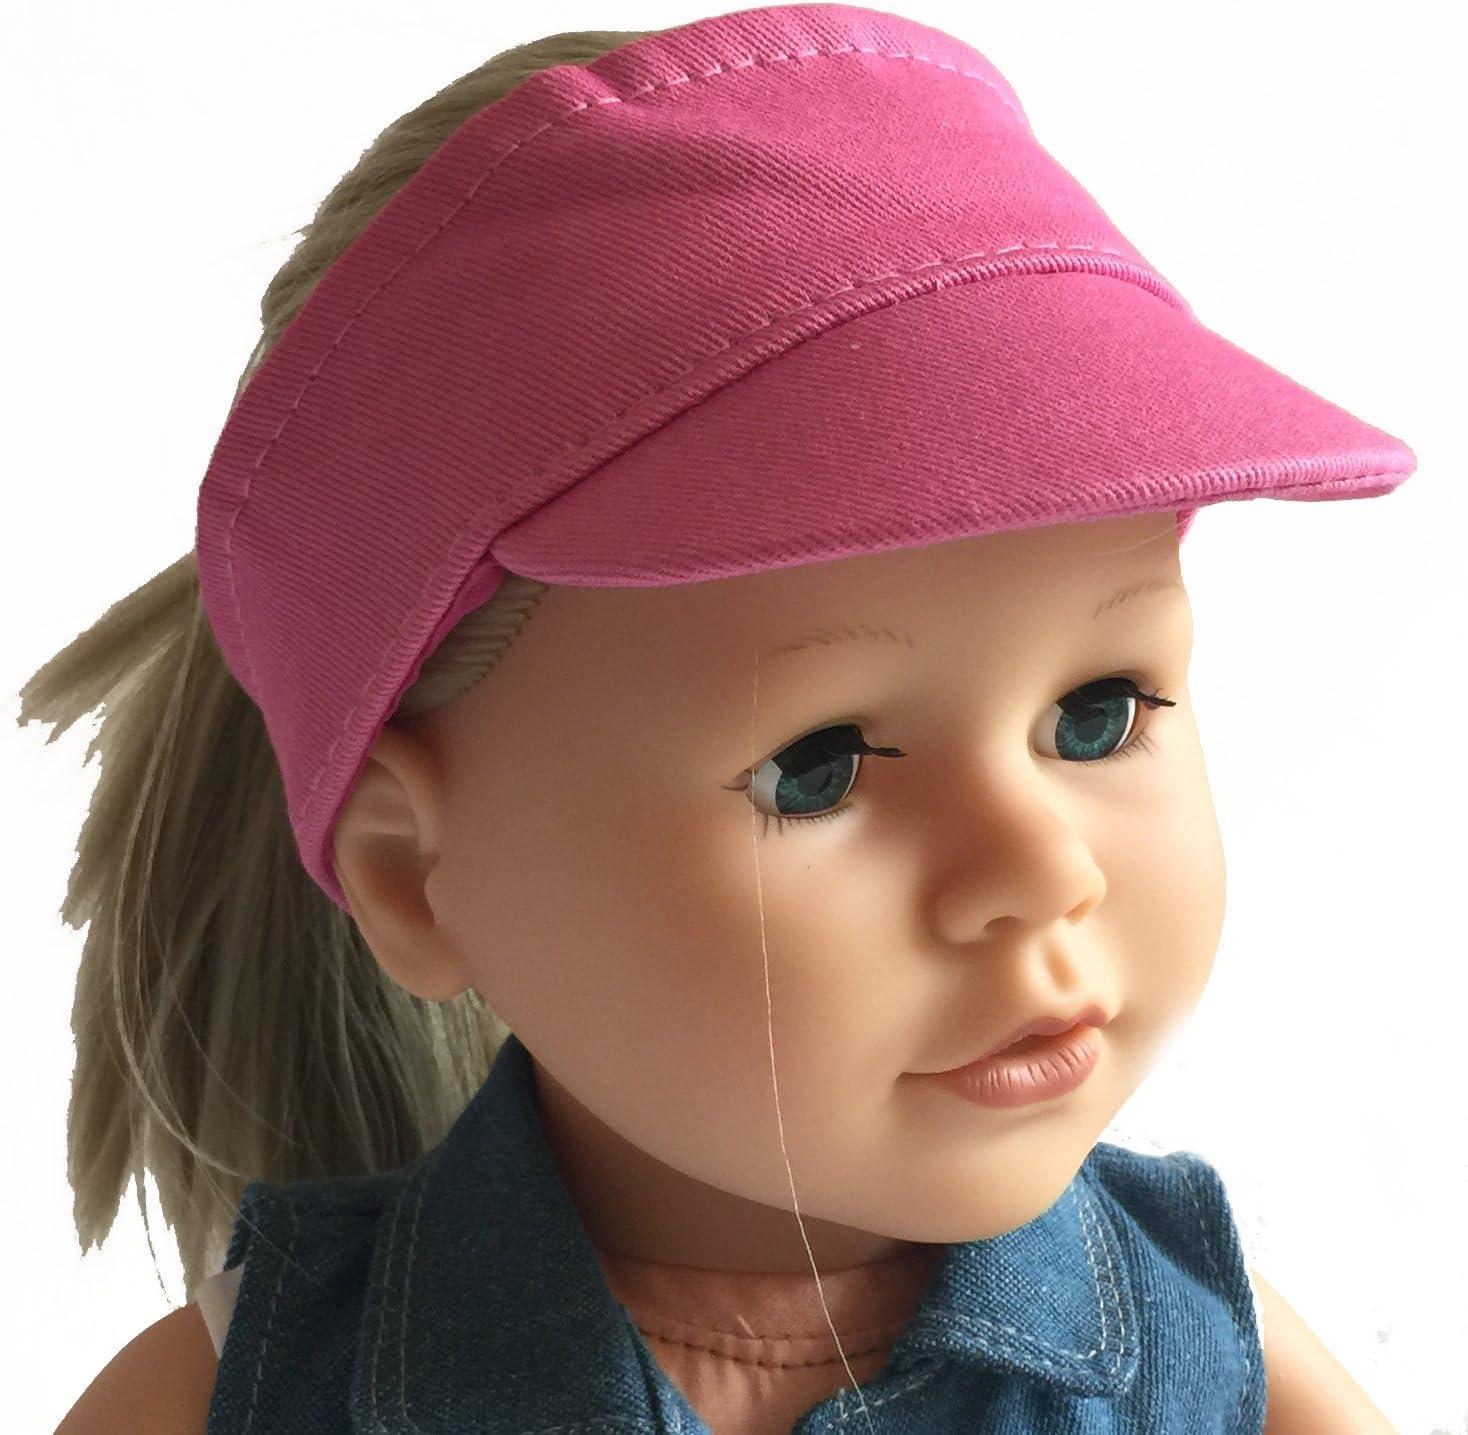 White Sun Visor Cap for 18 inch Dolls Sun Visor Hat Fits American Girl Dolls